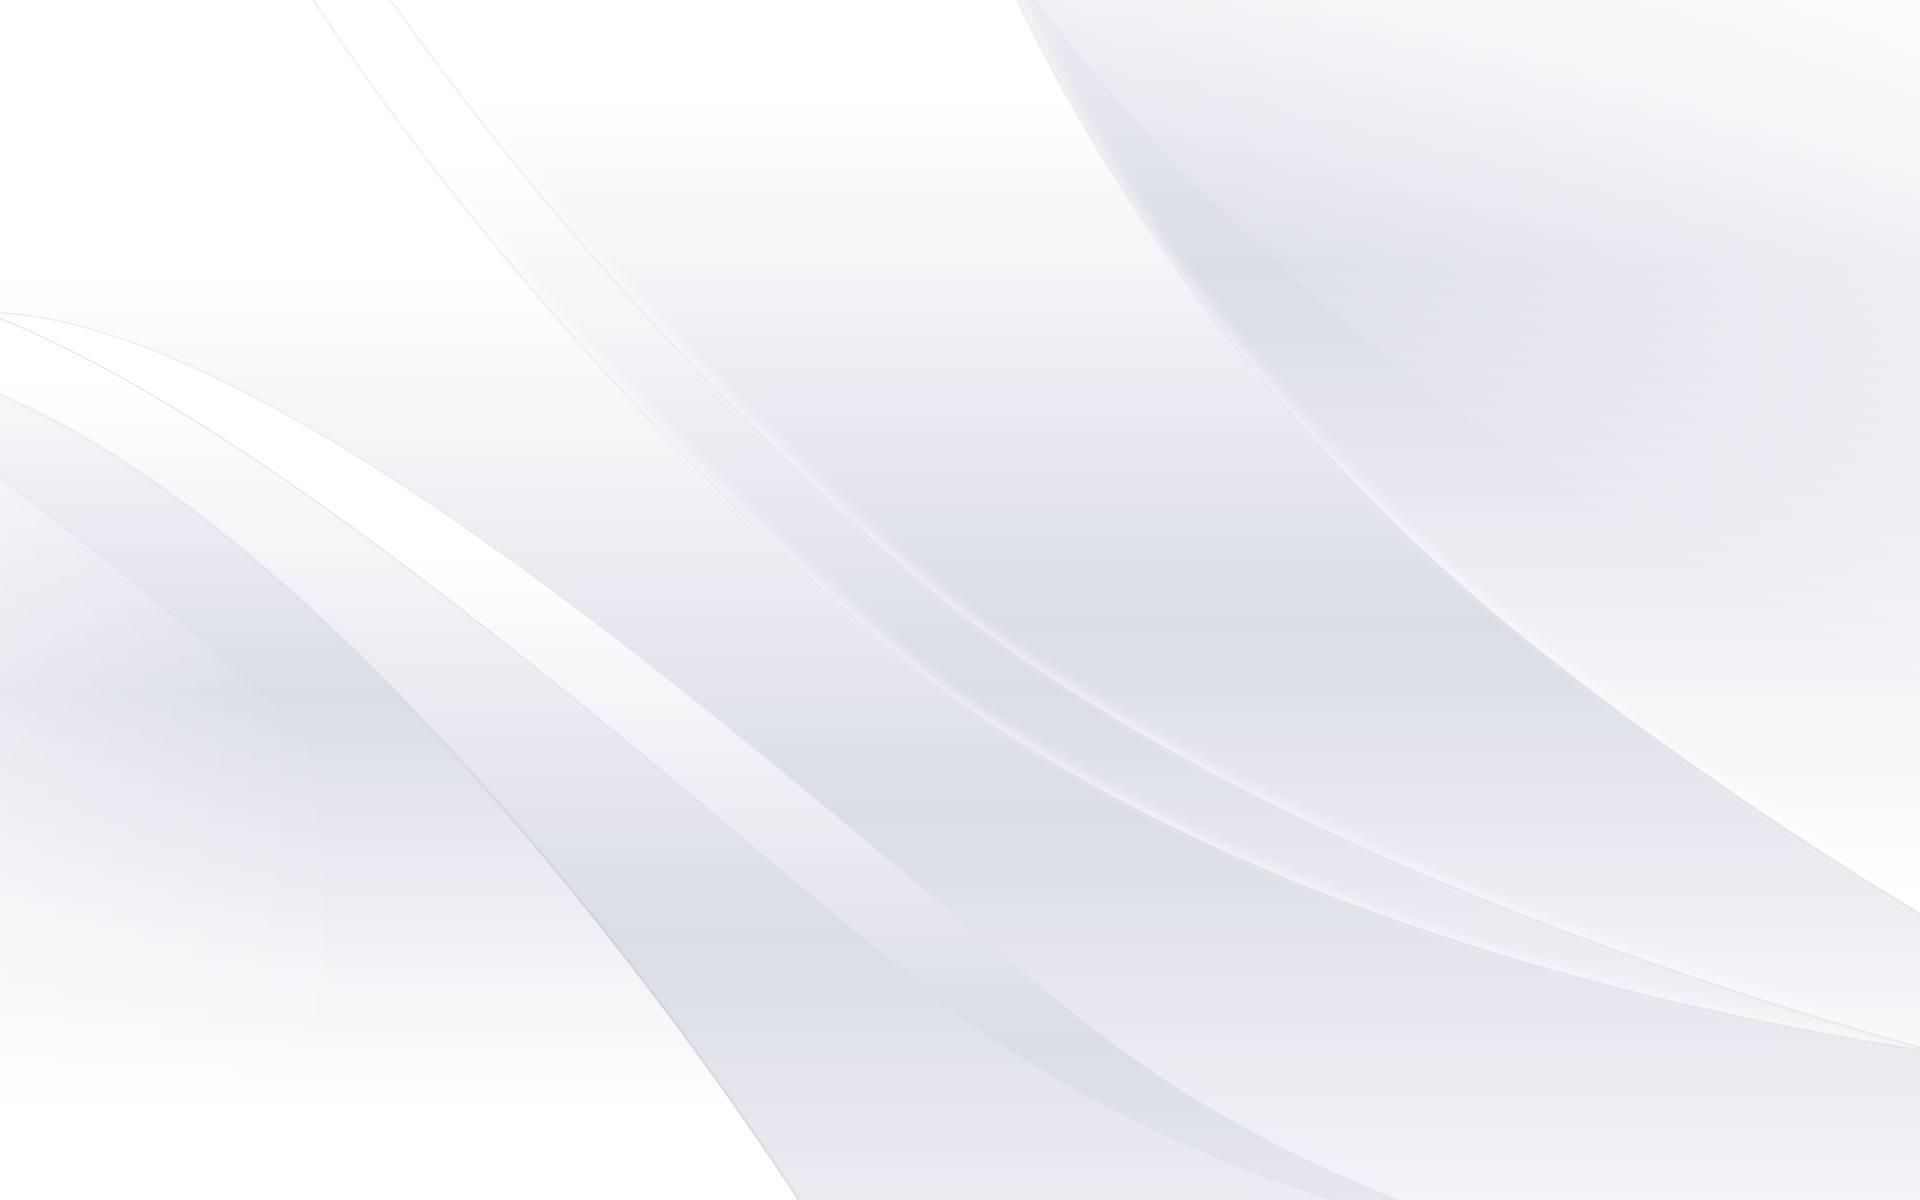 Hình nền trắng đẹp nhất